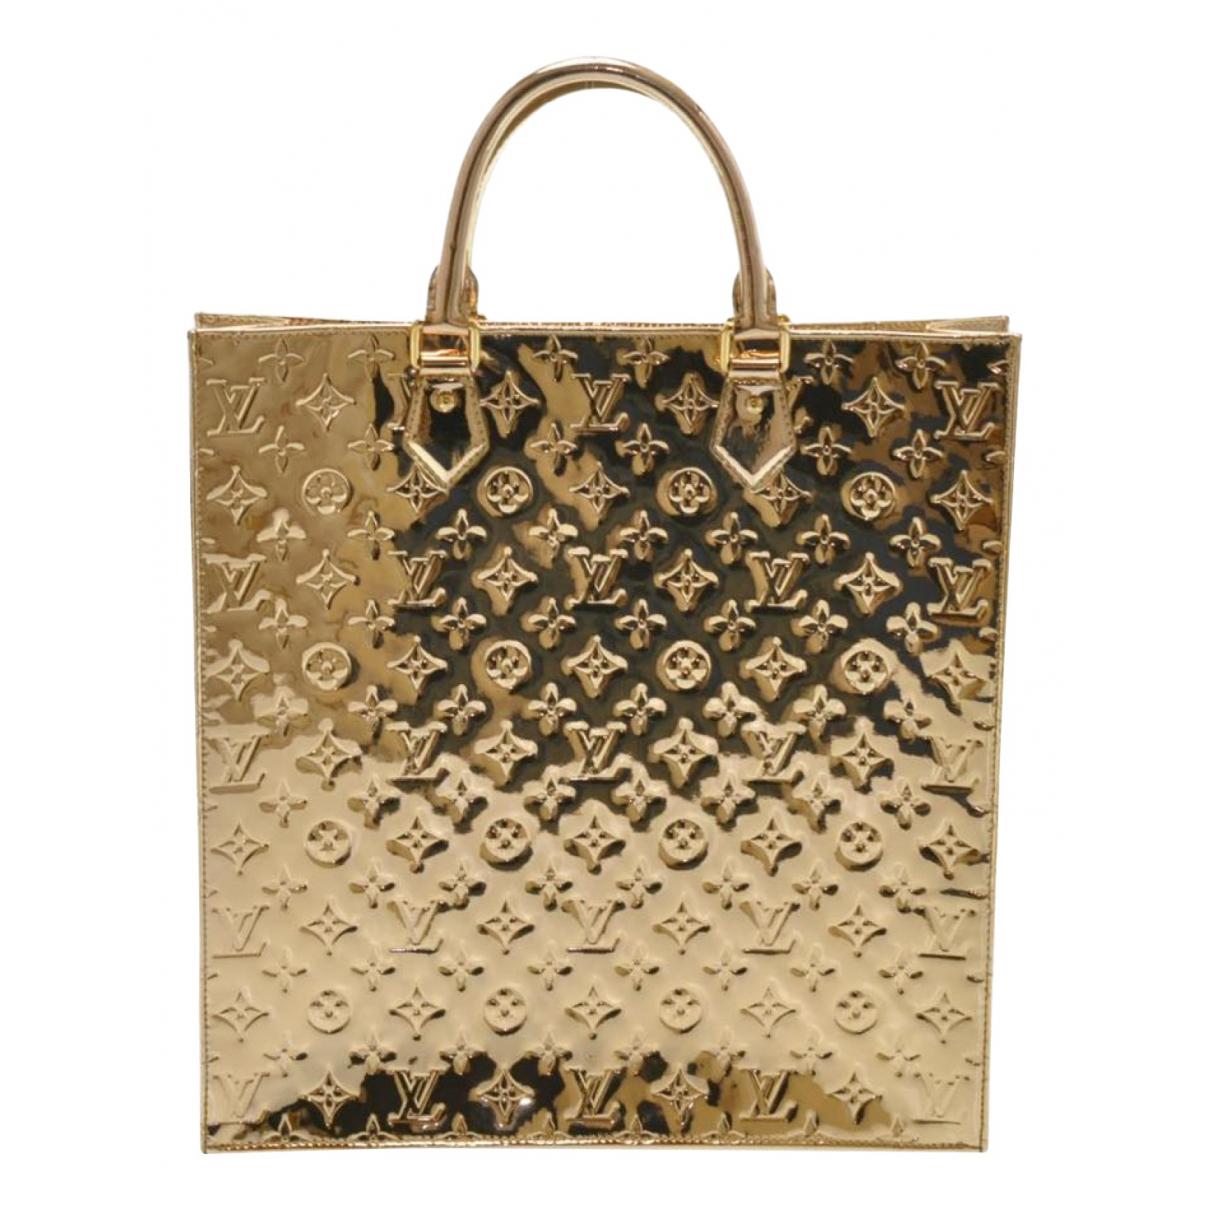 Bolso  Plat de Charol Louis Vuitton